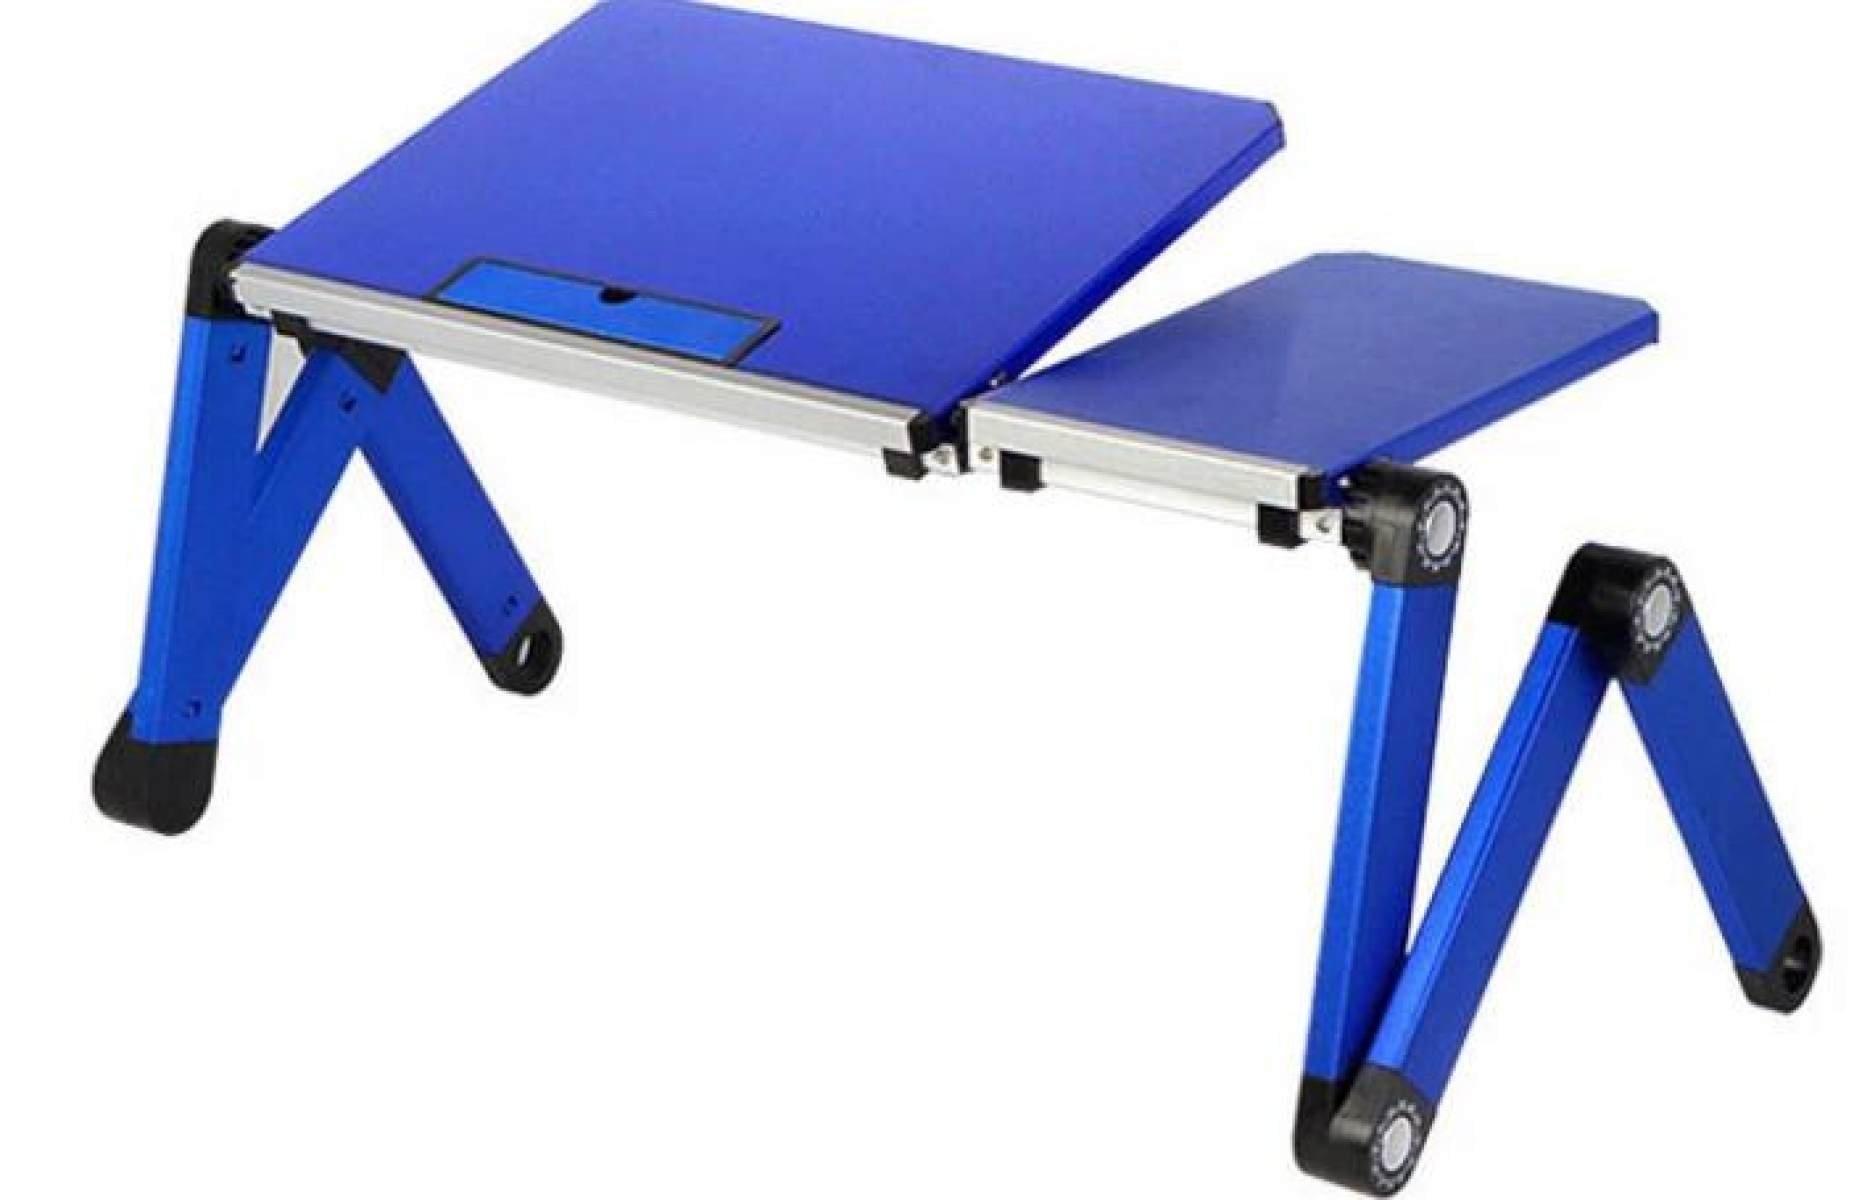 Bedside Table Bedside Table Computer Desk Writing Desk Learning Desk Outdoor Desk Children 's Dining Table Bedside Tray,Blue-OneSize